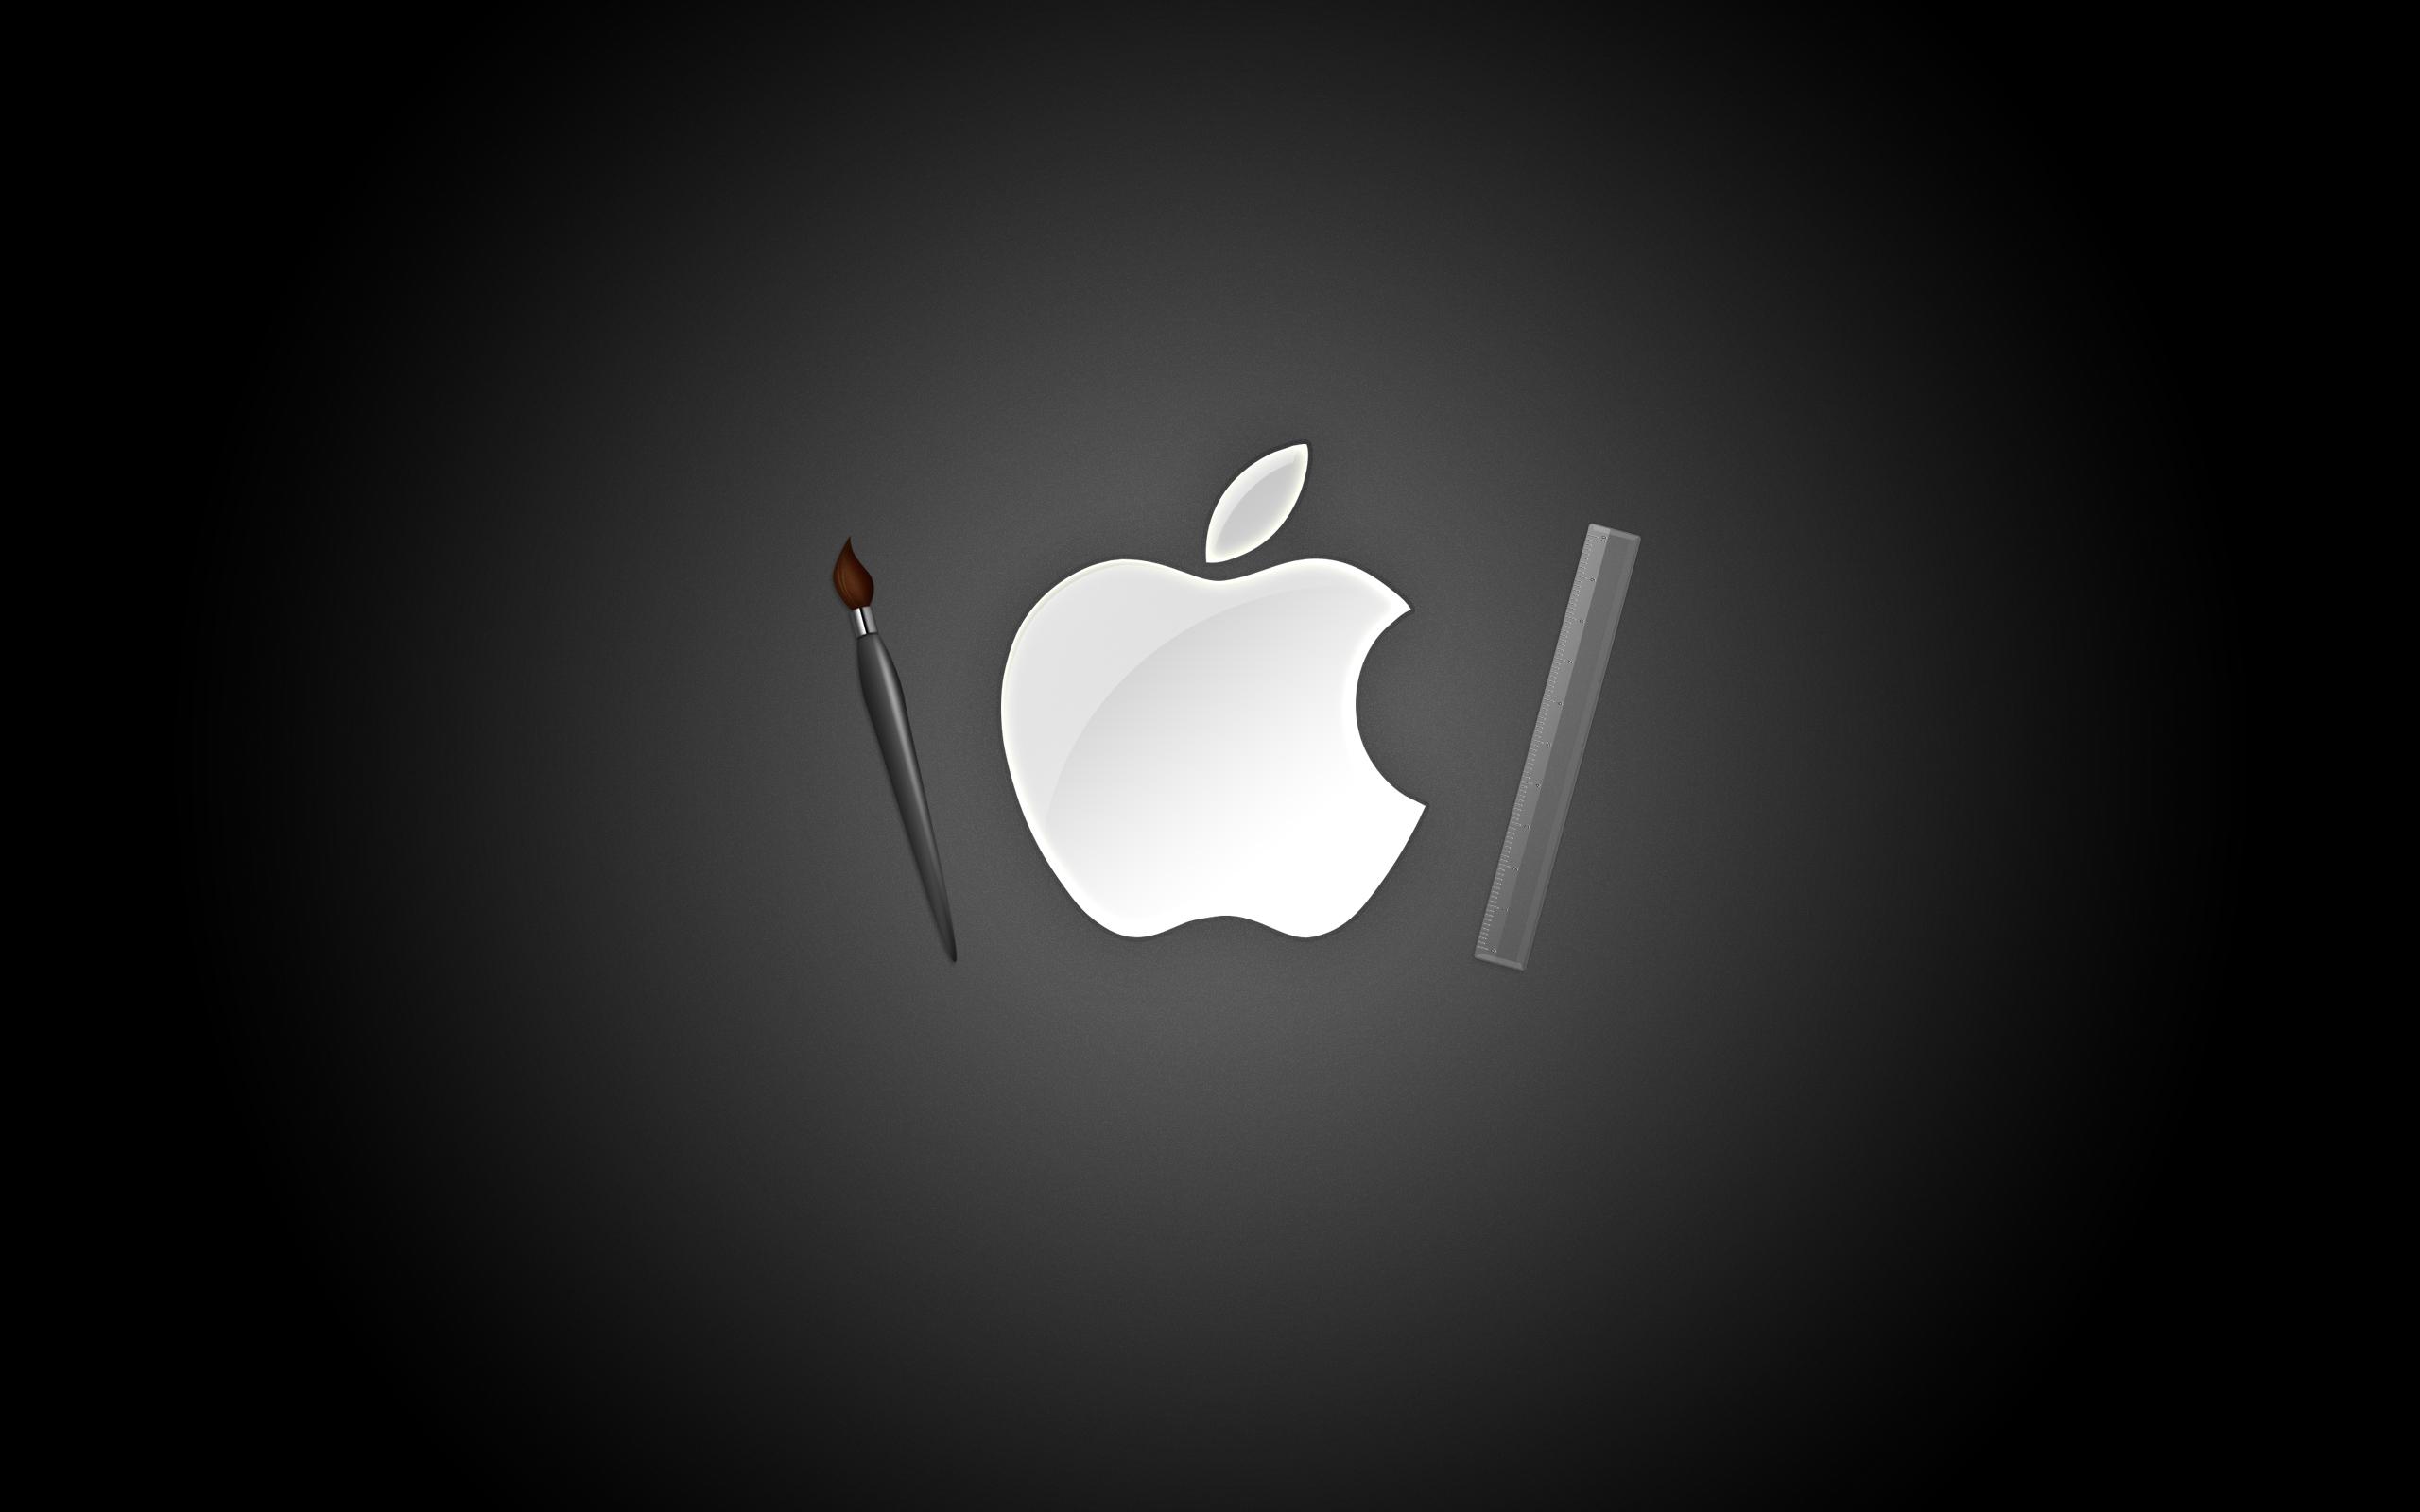 Diseño de Apple - 2560x1600